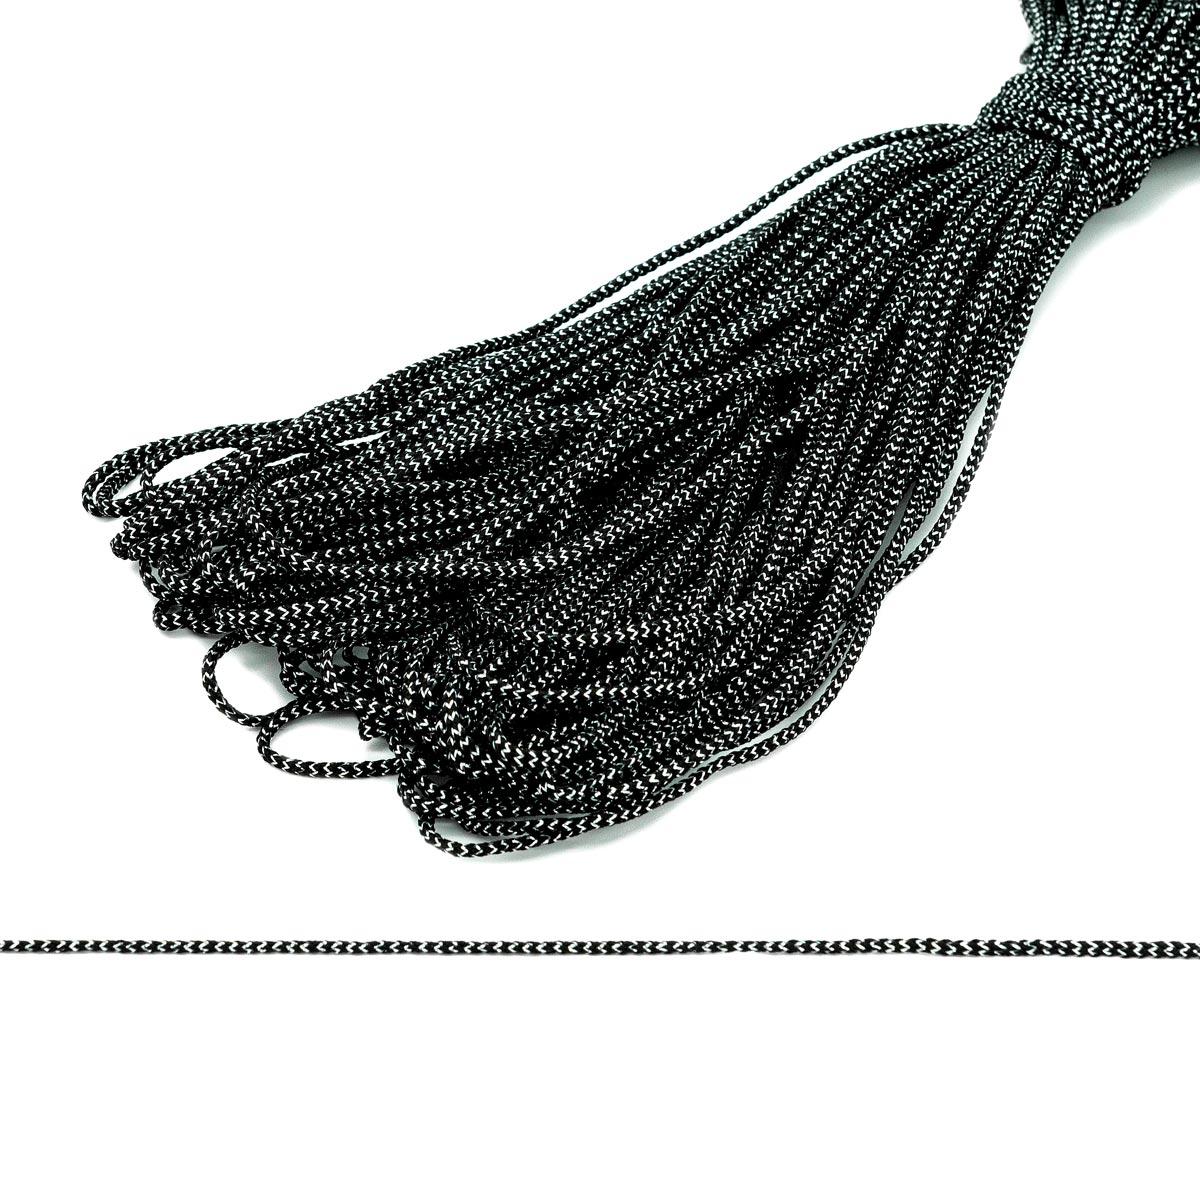 С1080 Шнур отд. плетеный с метанитом 2мм*30м